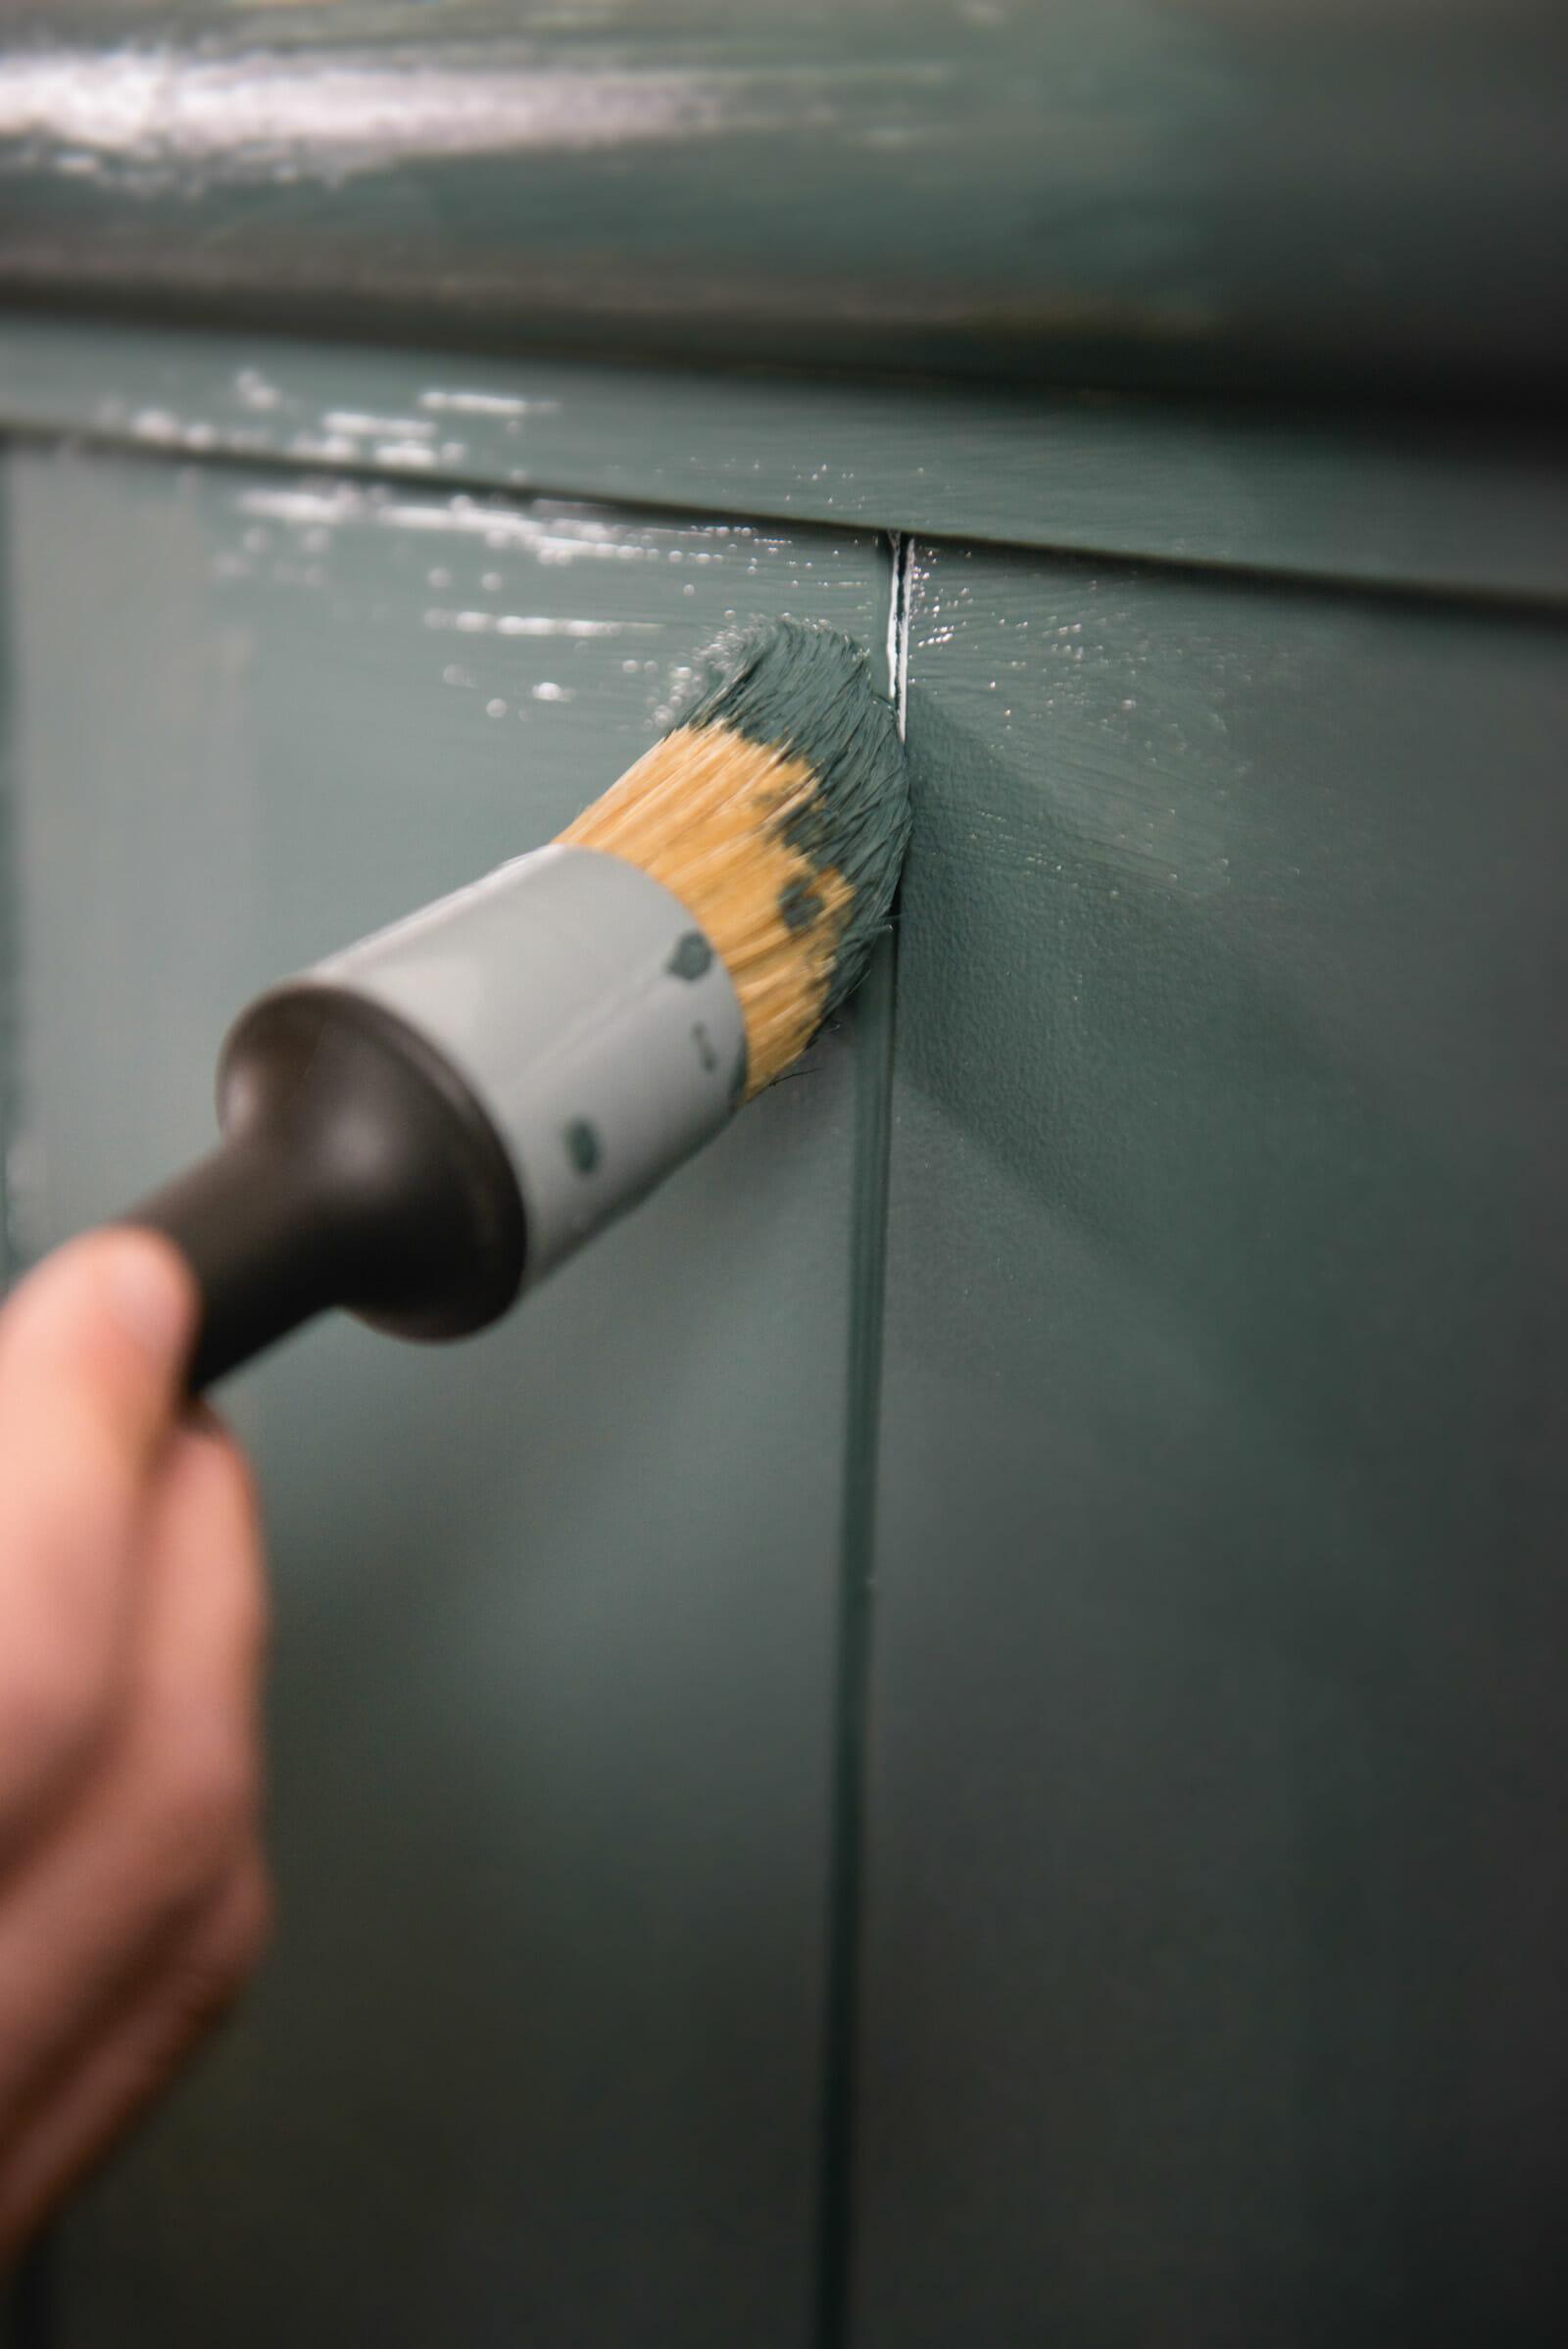 Wand streichen - Malerbetrieb Kossack